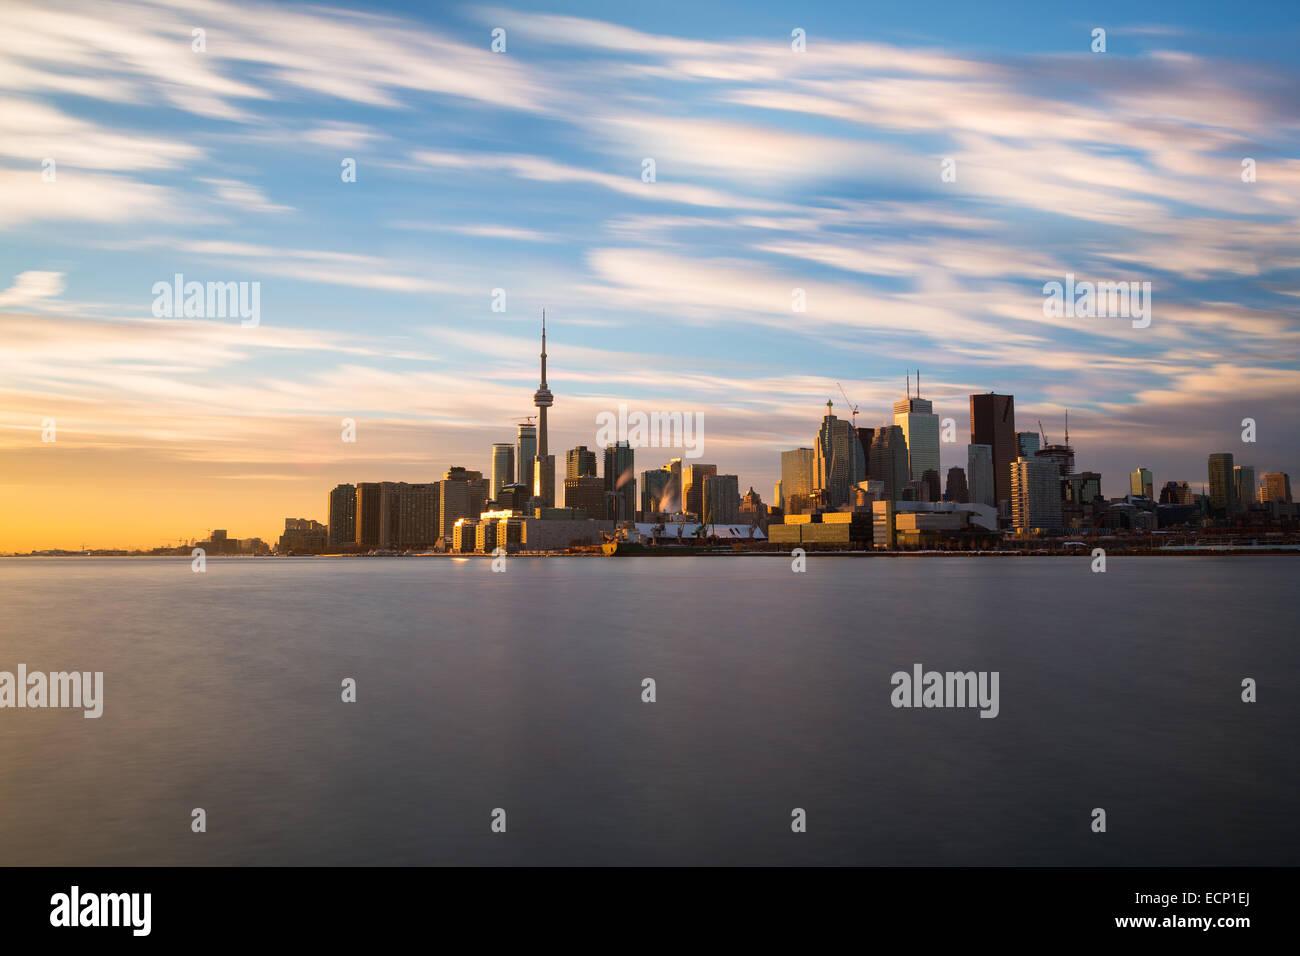 El horizonte de Toronto desde el este a la puesta de sol tomada con un tiempo de exposición Imagen De Stock